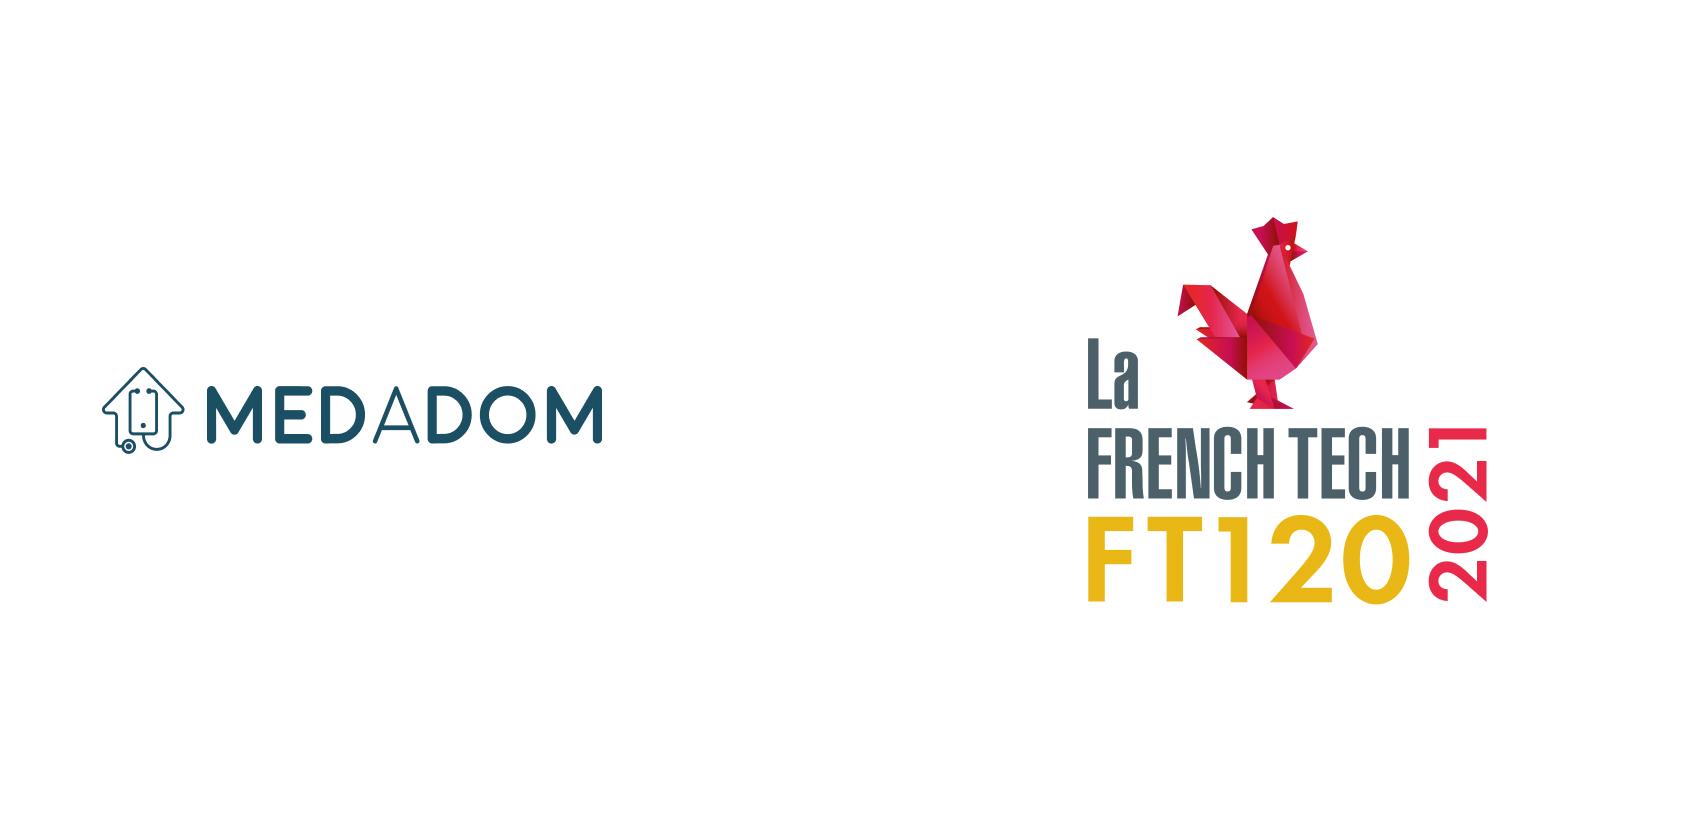 MEDADOM a sa place dans la French Tech 120 en 2021 !